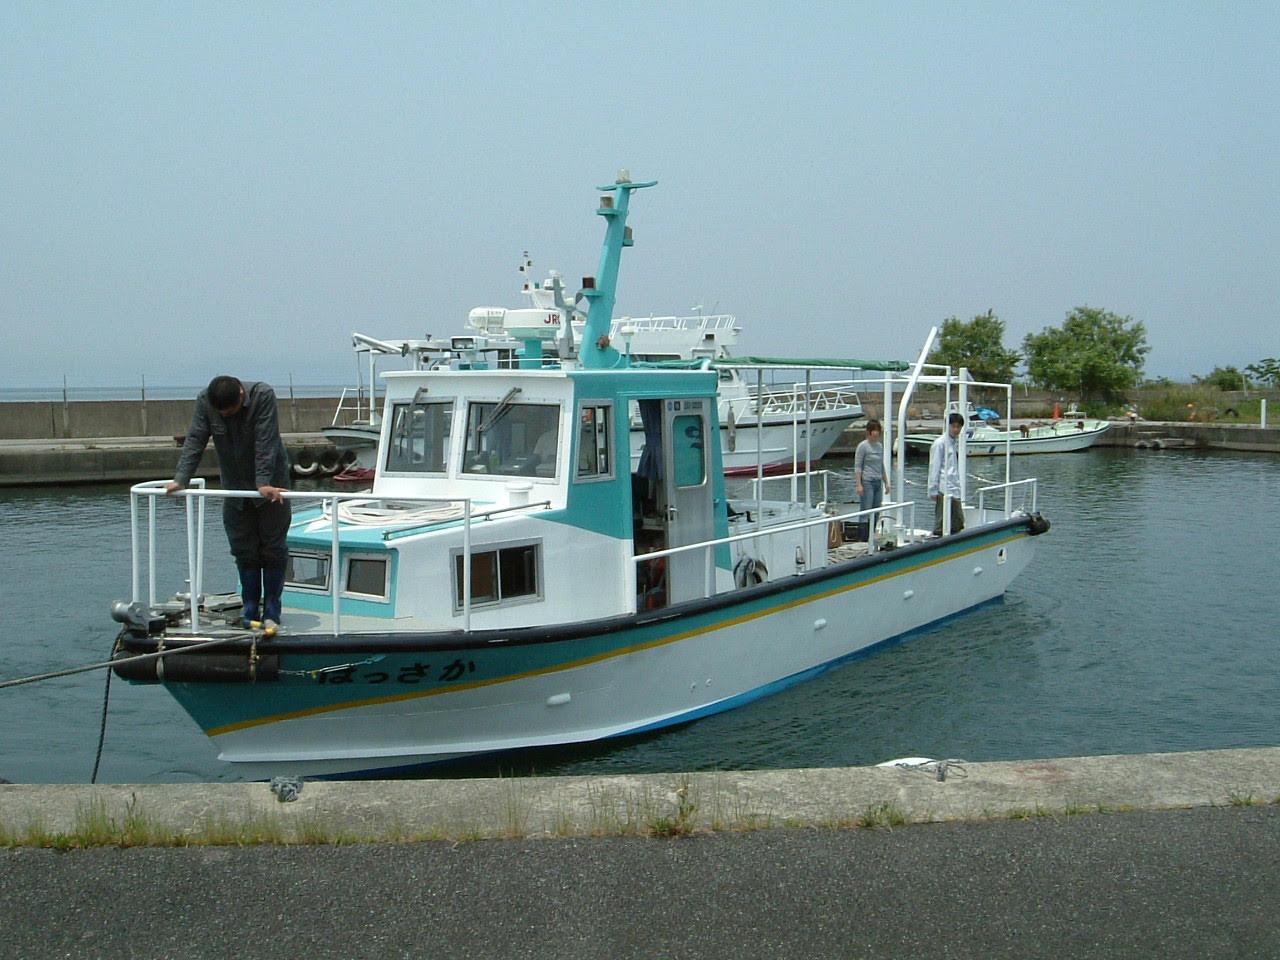 小さな小さな「ミジンコ」が琵琶湖の水を浄化する!?